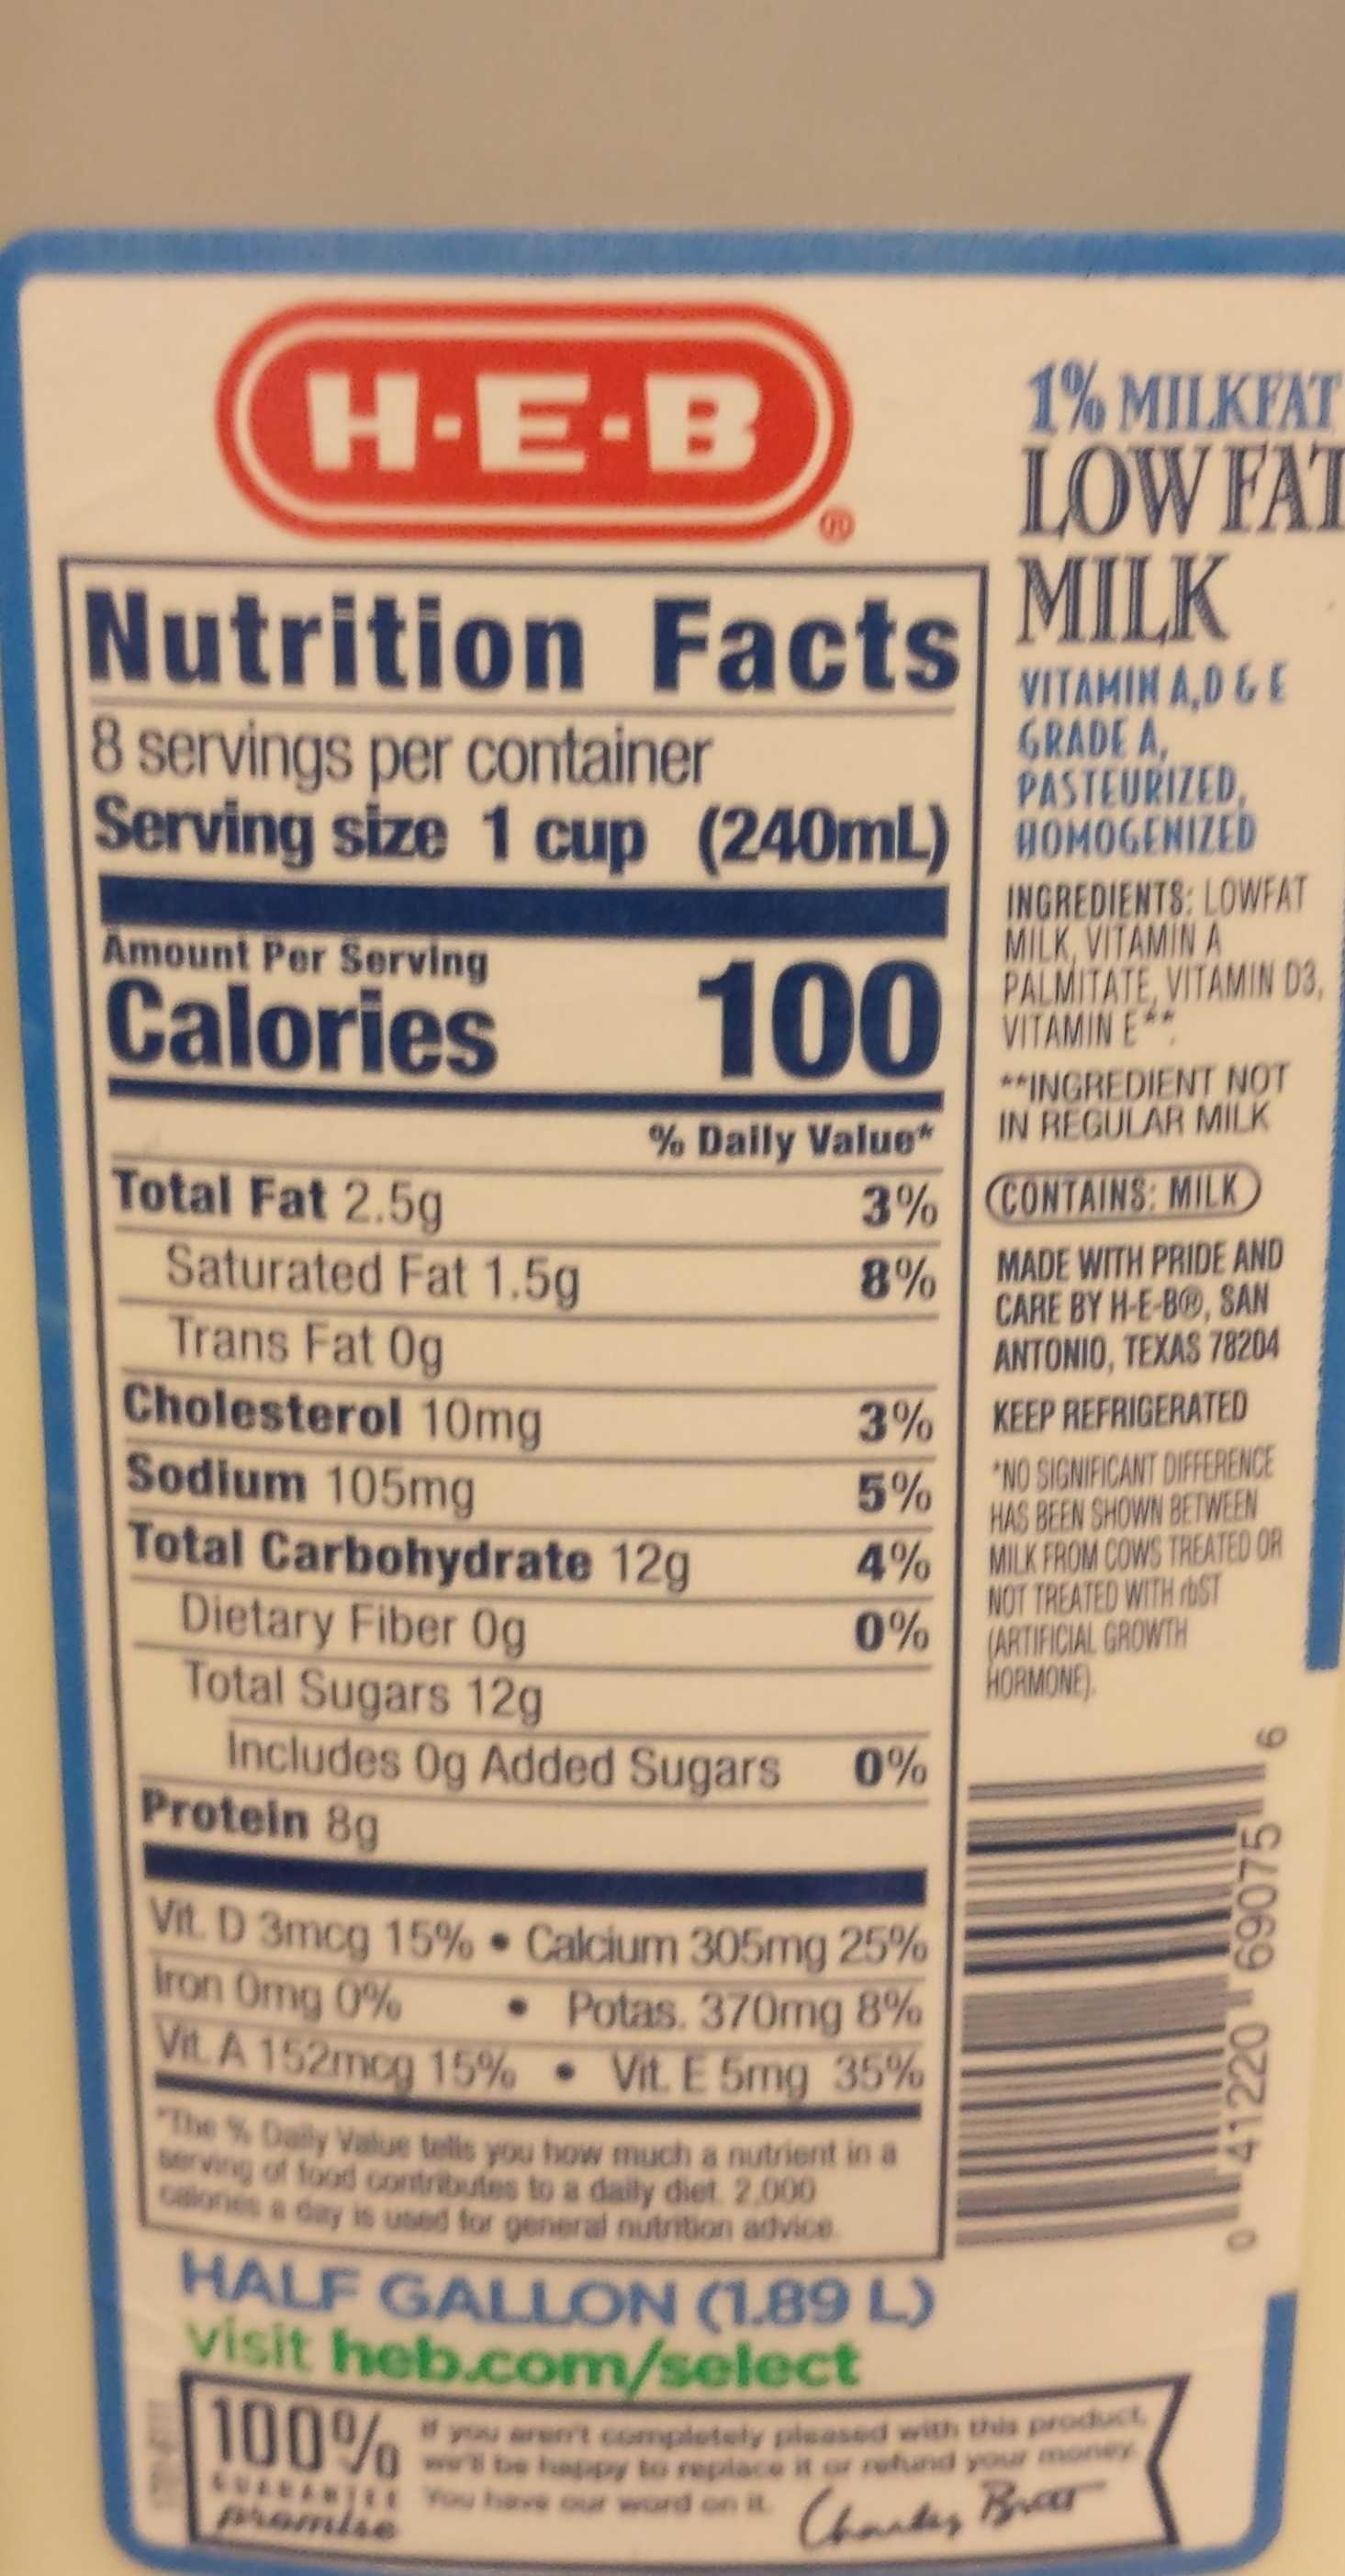 Low fat 1% milk - Nutrition facts - en